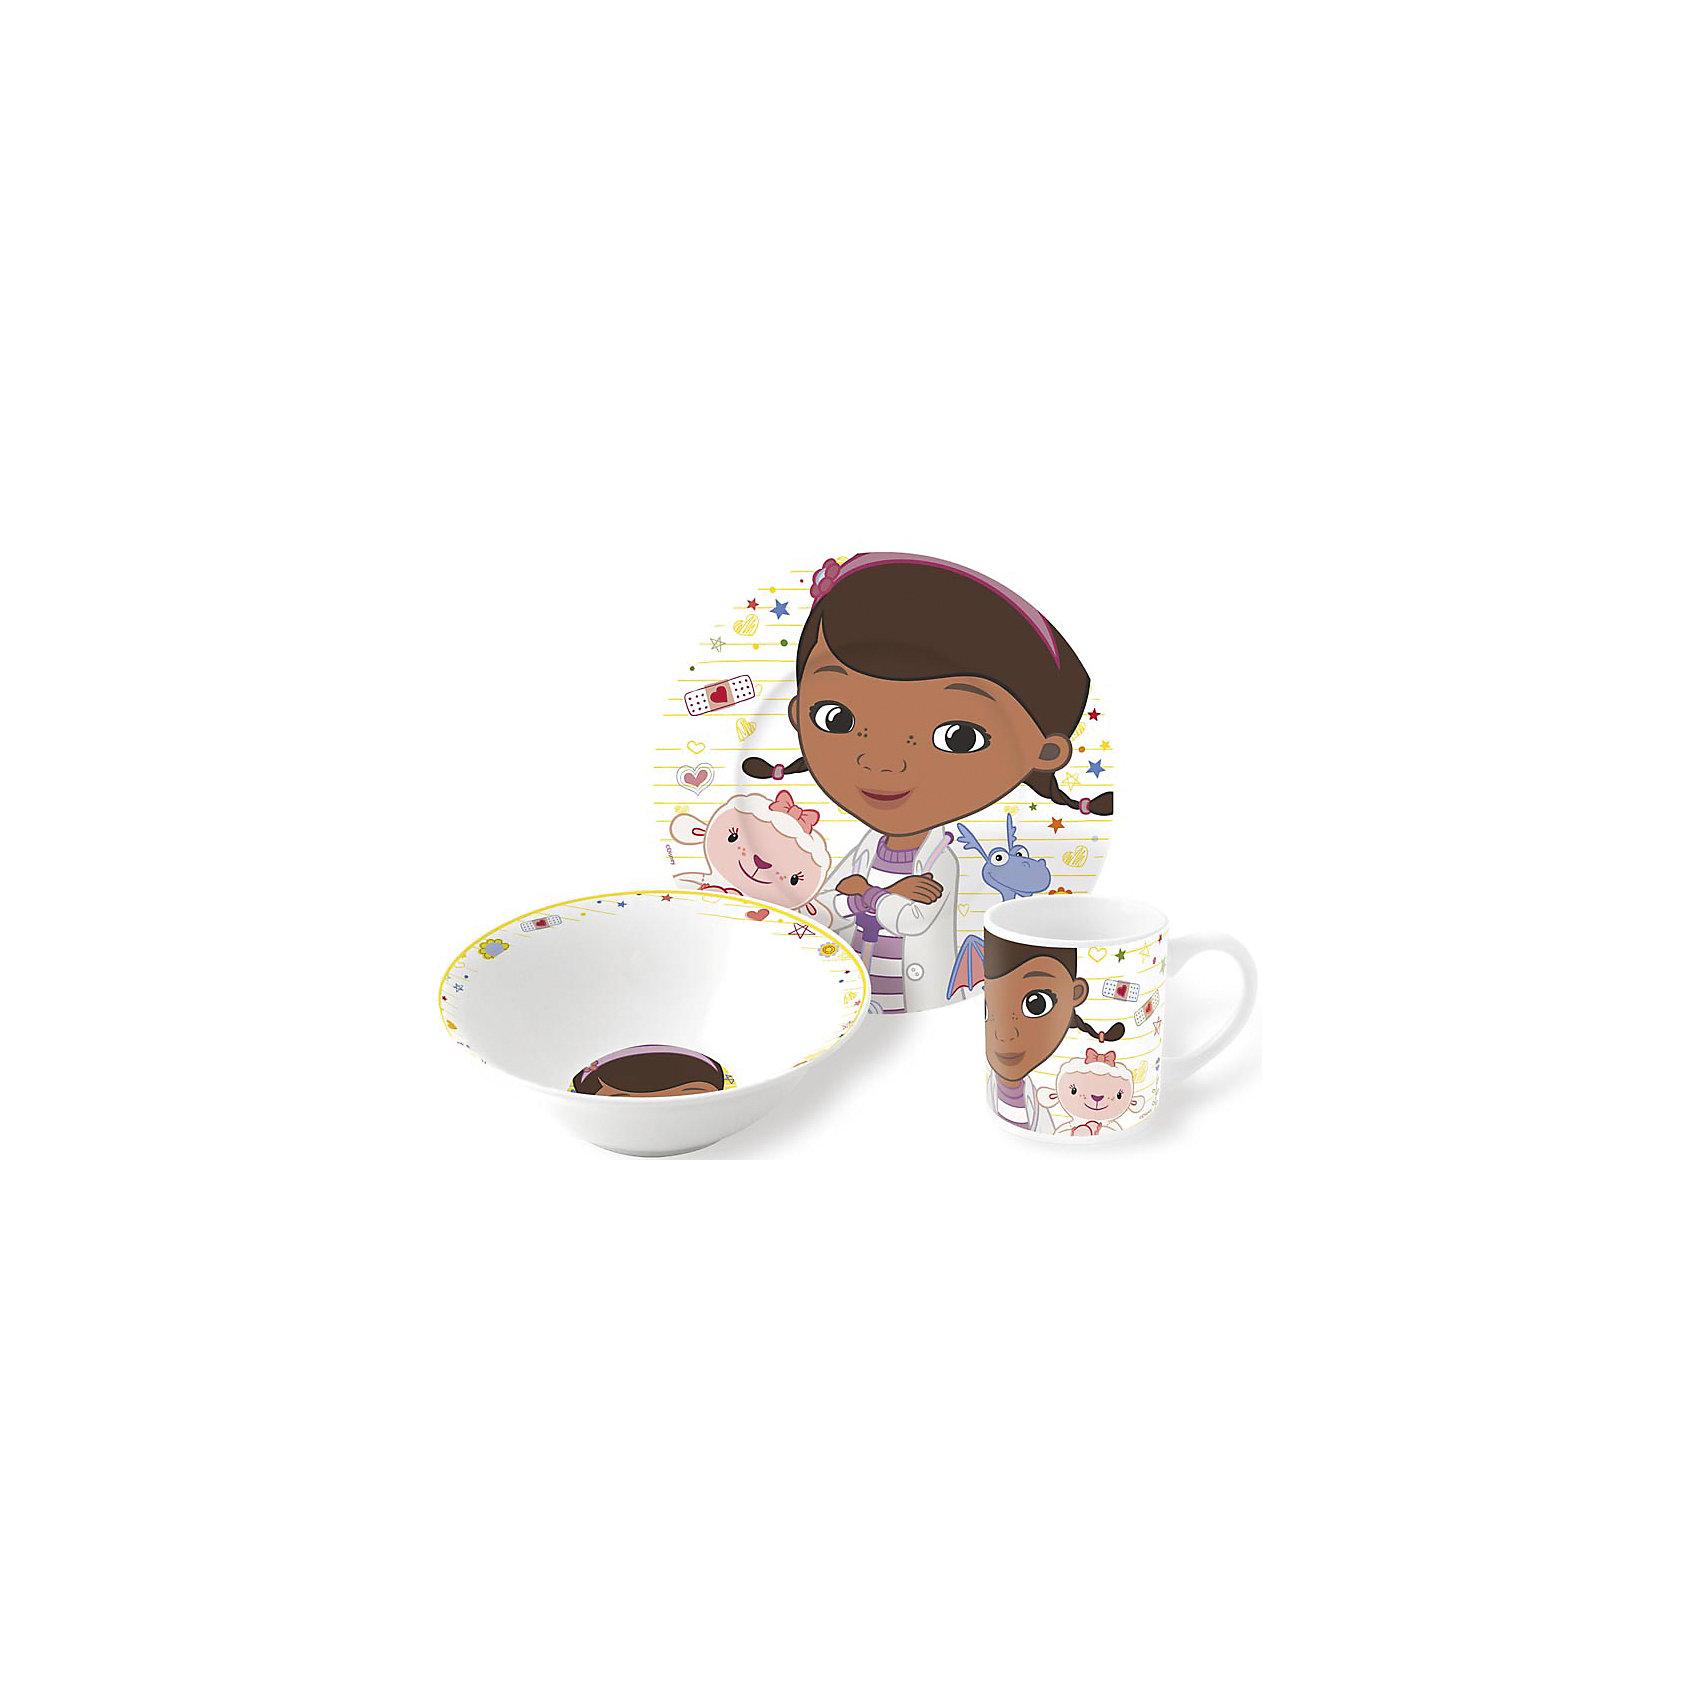 Набор керамической посуды Доктор Плюшева (3 предмета)Набор керамической посуды Доктор Плюшева (3 предмета) – прием пищи с любимыми героями.<br>Красочный набор посуды с известными героями понравится ребенку с первого взгляда. Сервиз сделан из крепкой керамики, поэтому он безопасен для детей. Его можно мыть в посудомоечной машине или разогревать в микроволновке. Состоит набор из двух тарелок (для супа и второго) и объемной кружки. Подойдет для подарка, благодаря красивому оформлению. <br><br><br>Дополнительно:<br><br>- размер: тарелка – 19см, суповая тарелка – 18см, кружка – 210мл<br>- материал: керамика<br>- возраст: от 3 лет<br><br>Набор керамической посуды Доктор Плюшева (3 предмета) можно купить в нашем интернет магазине.<br><br>Ширина мм: 250<br>Глубина мм: 85<br>Высота мм: 200<br>Вес г: 973<br>Возраст от месяцев: 36<br>Возраст до месяцев: 120<br>Пол: Унисекс<br>Возраст: Детский<br>SKU: 4940680